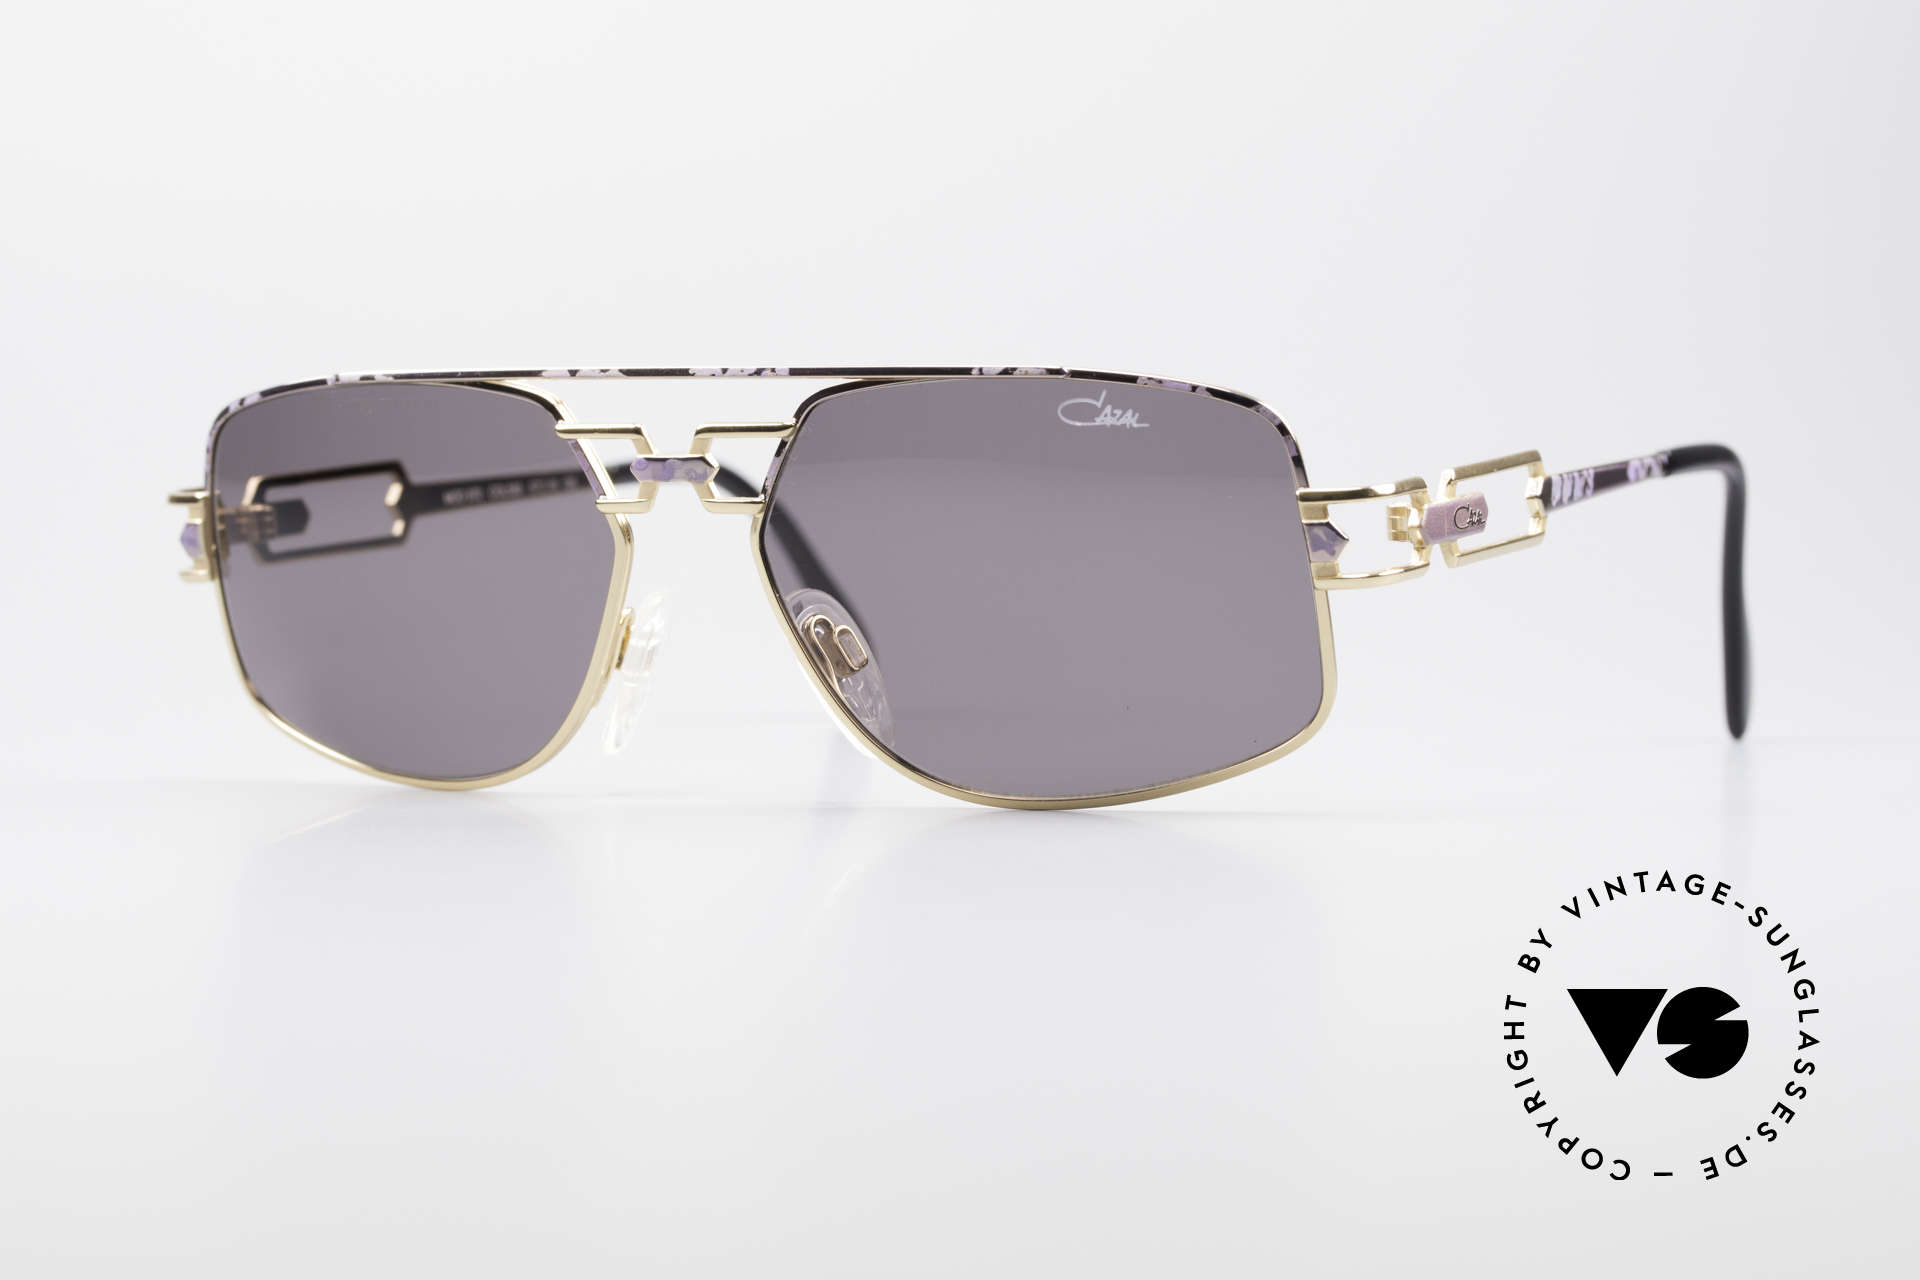 Cazal 972 True Vintage Brille No Retro, 90er Cazal Original Designer-Sonnenbrille; echt vintage, Passend für Herren und Damen